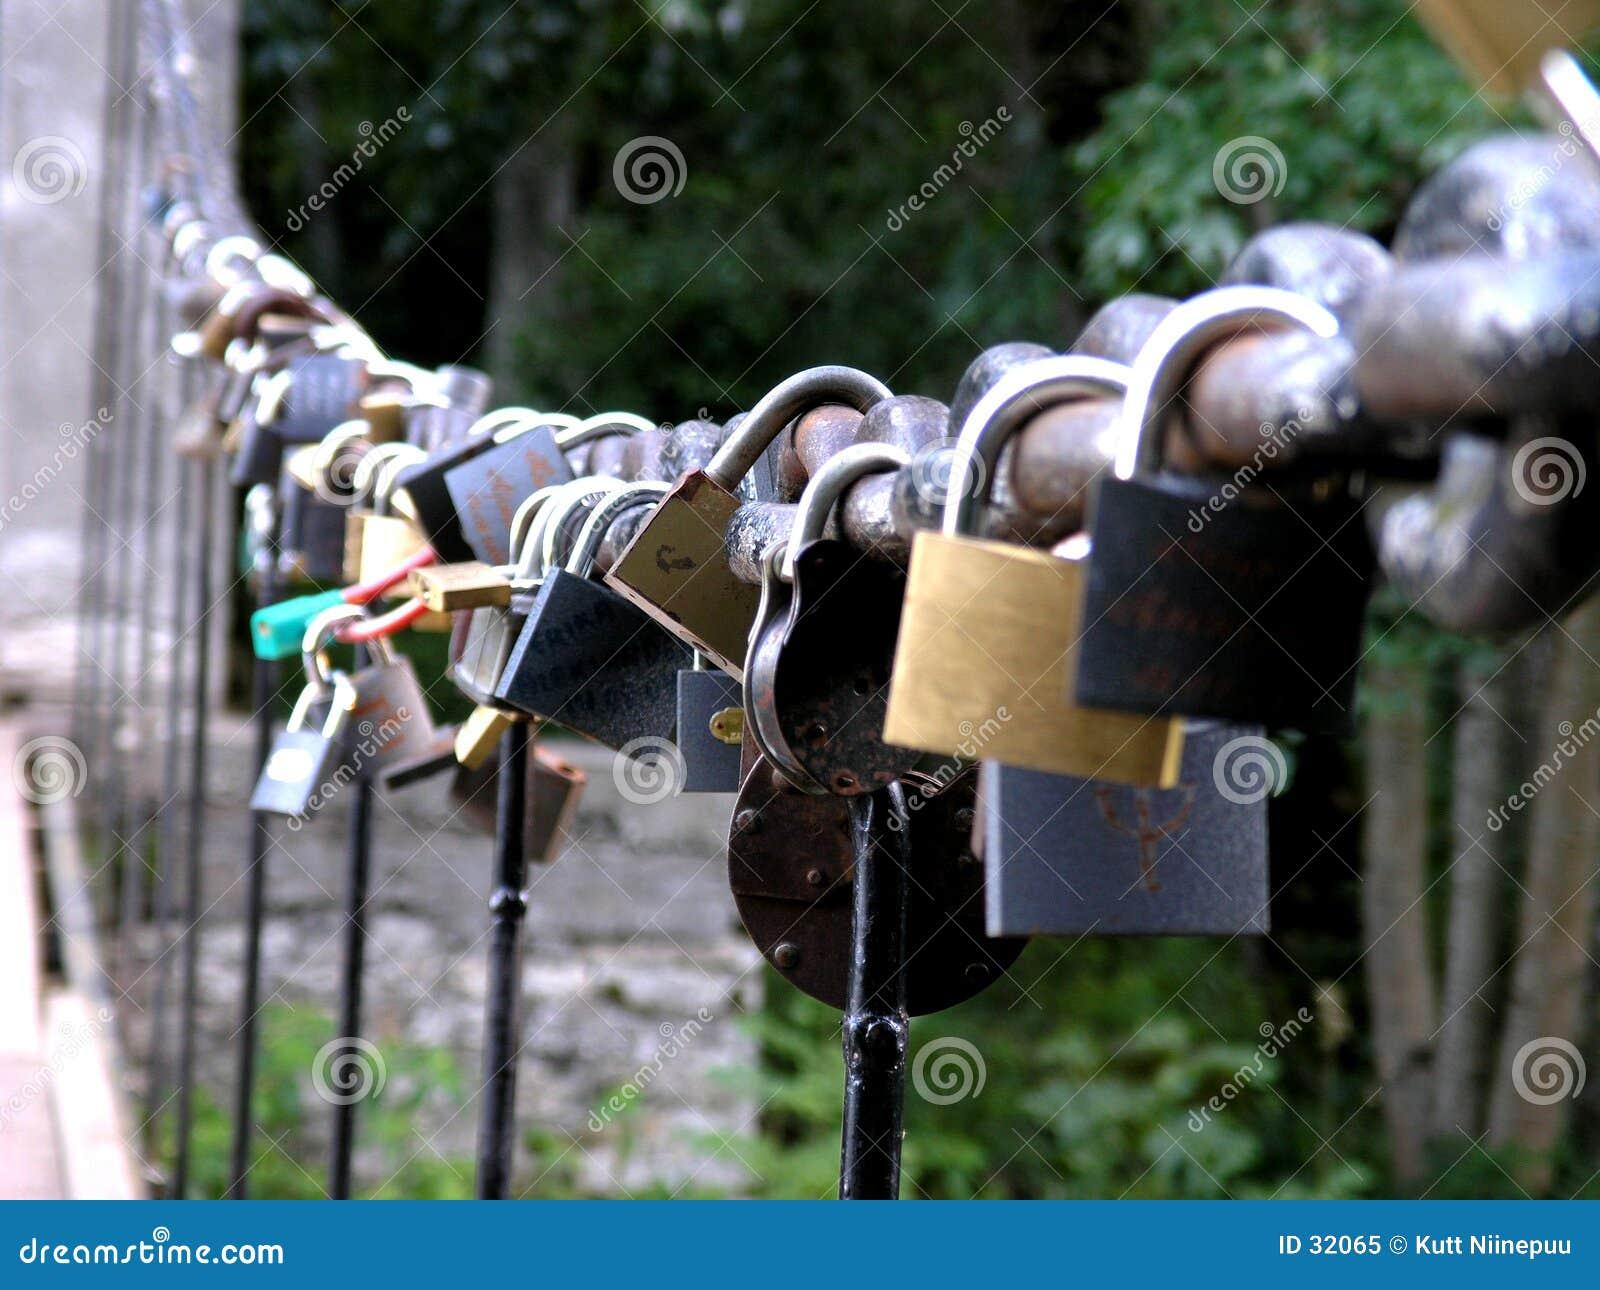 Download Ossessione del lucchetto immagine stock. Immagine di serrature - 32065